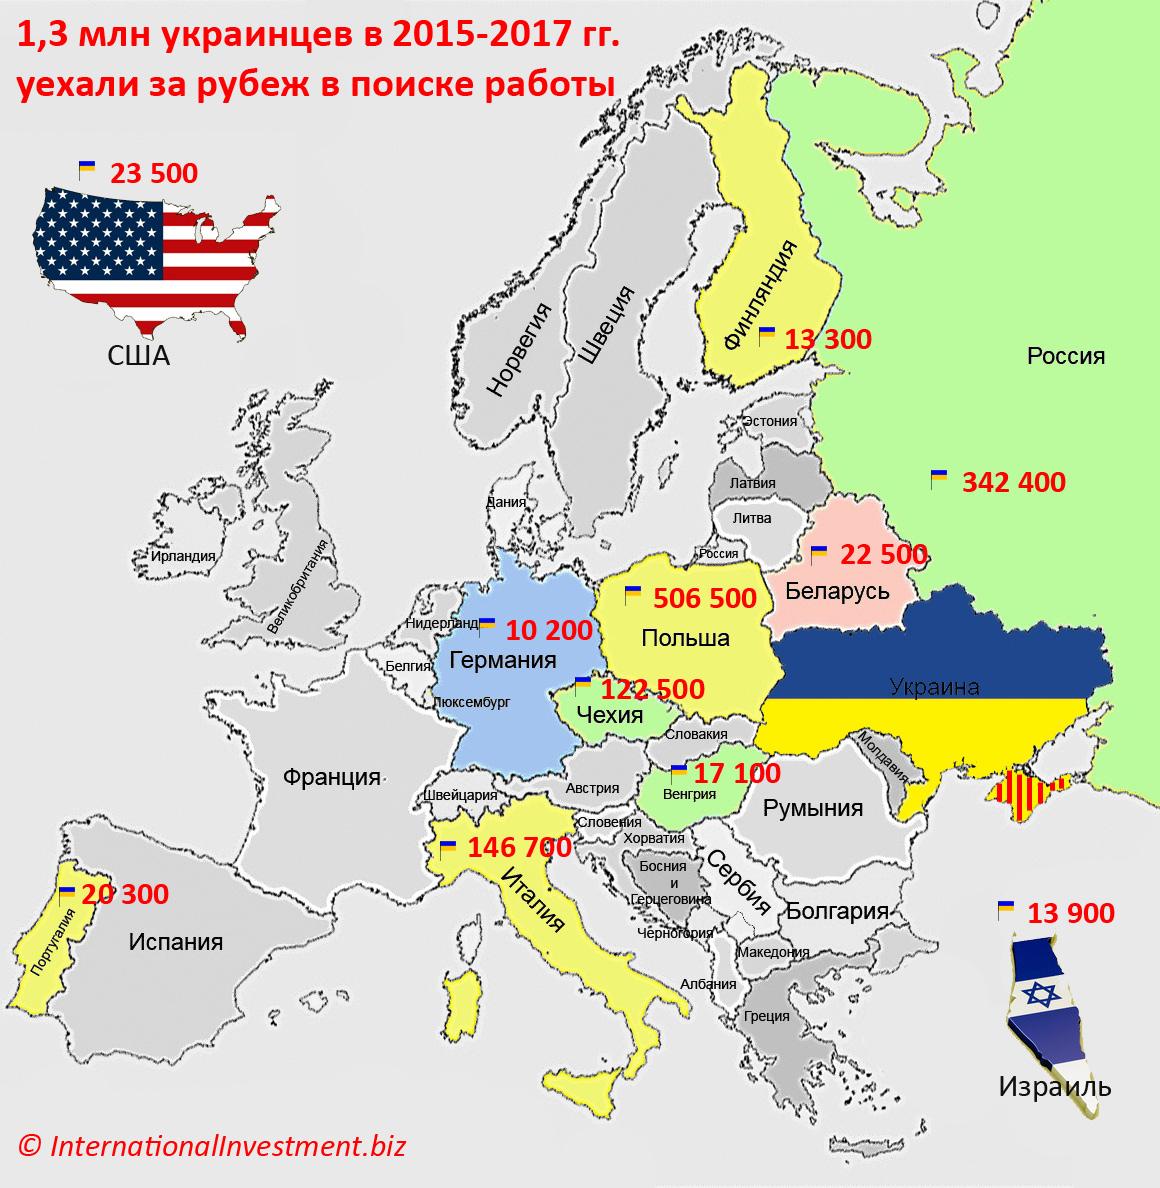 Исследование. Сколько миллионов человек эмигрировало из Украины в Россию и ЕС? И сколько еще уедет?